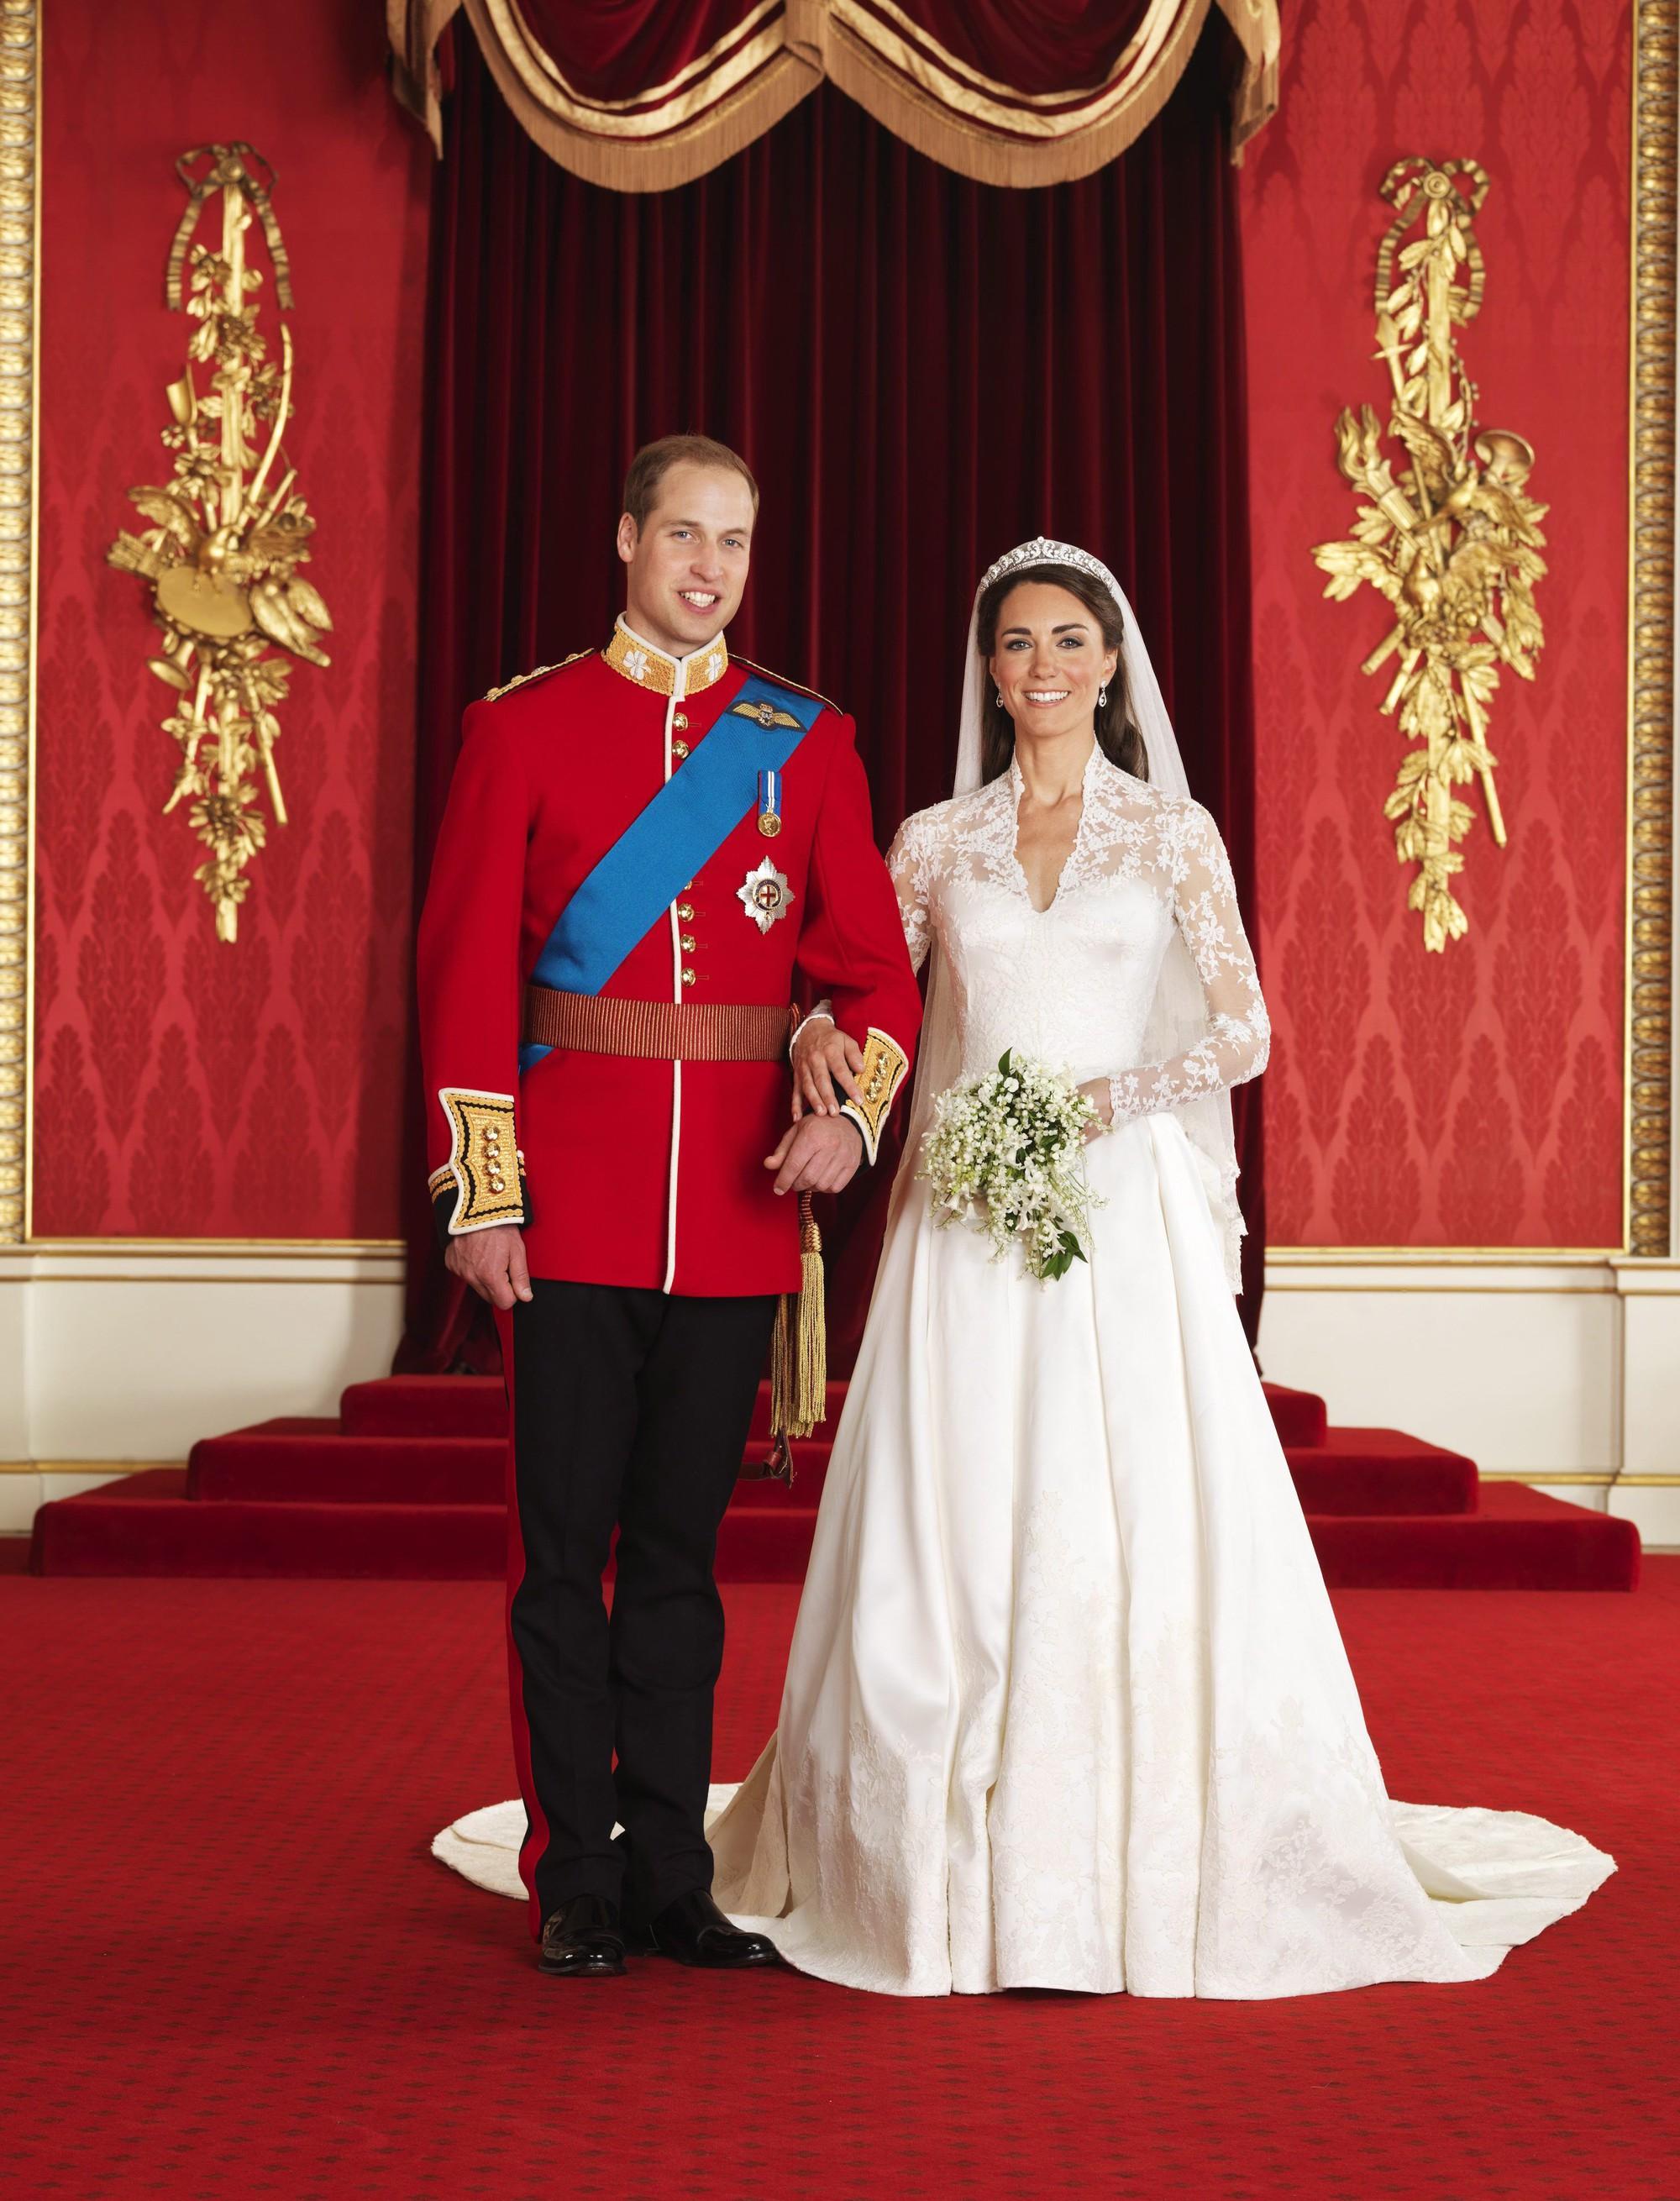 Những đám cưới đẹp như cổ tích trong lịch sử 100 năm hoàng gia Anh - Ảnh 29.